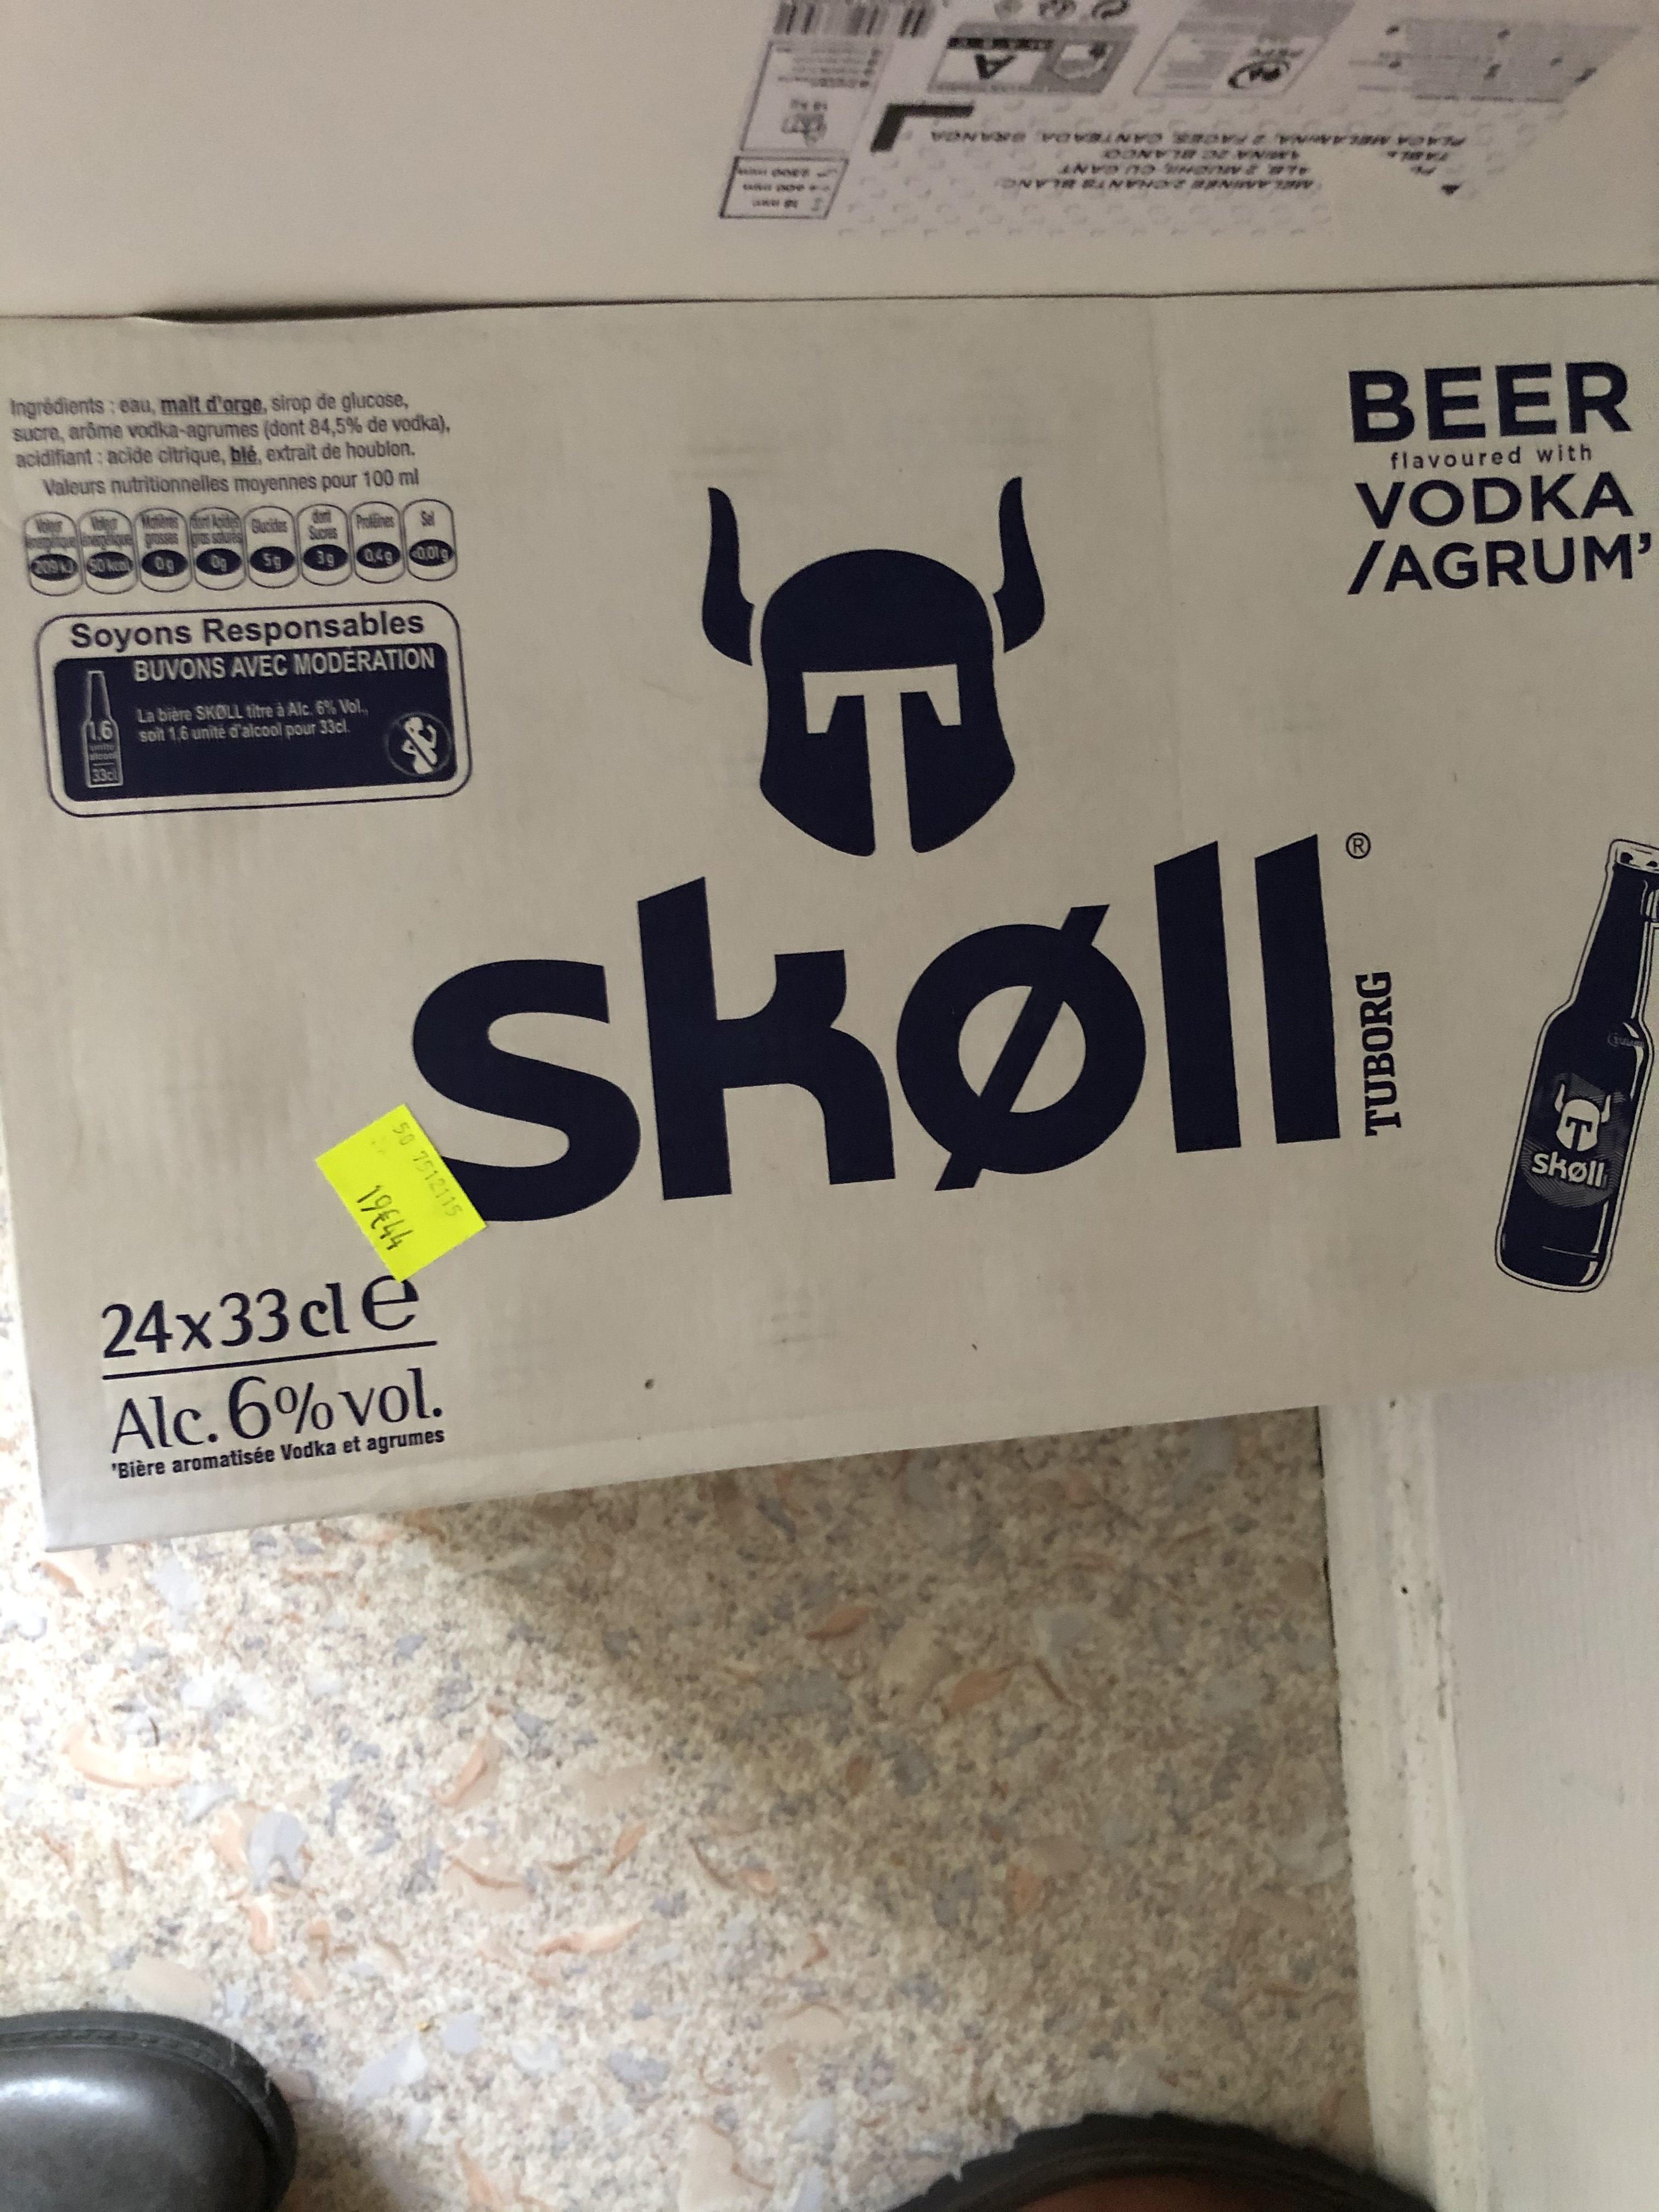 Pack de 24 bières Skøll (24x33 cl) - Freyming-Merlebach (57)